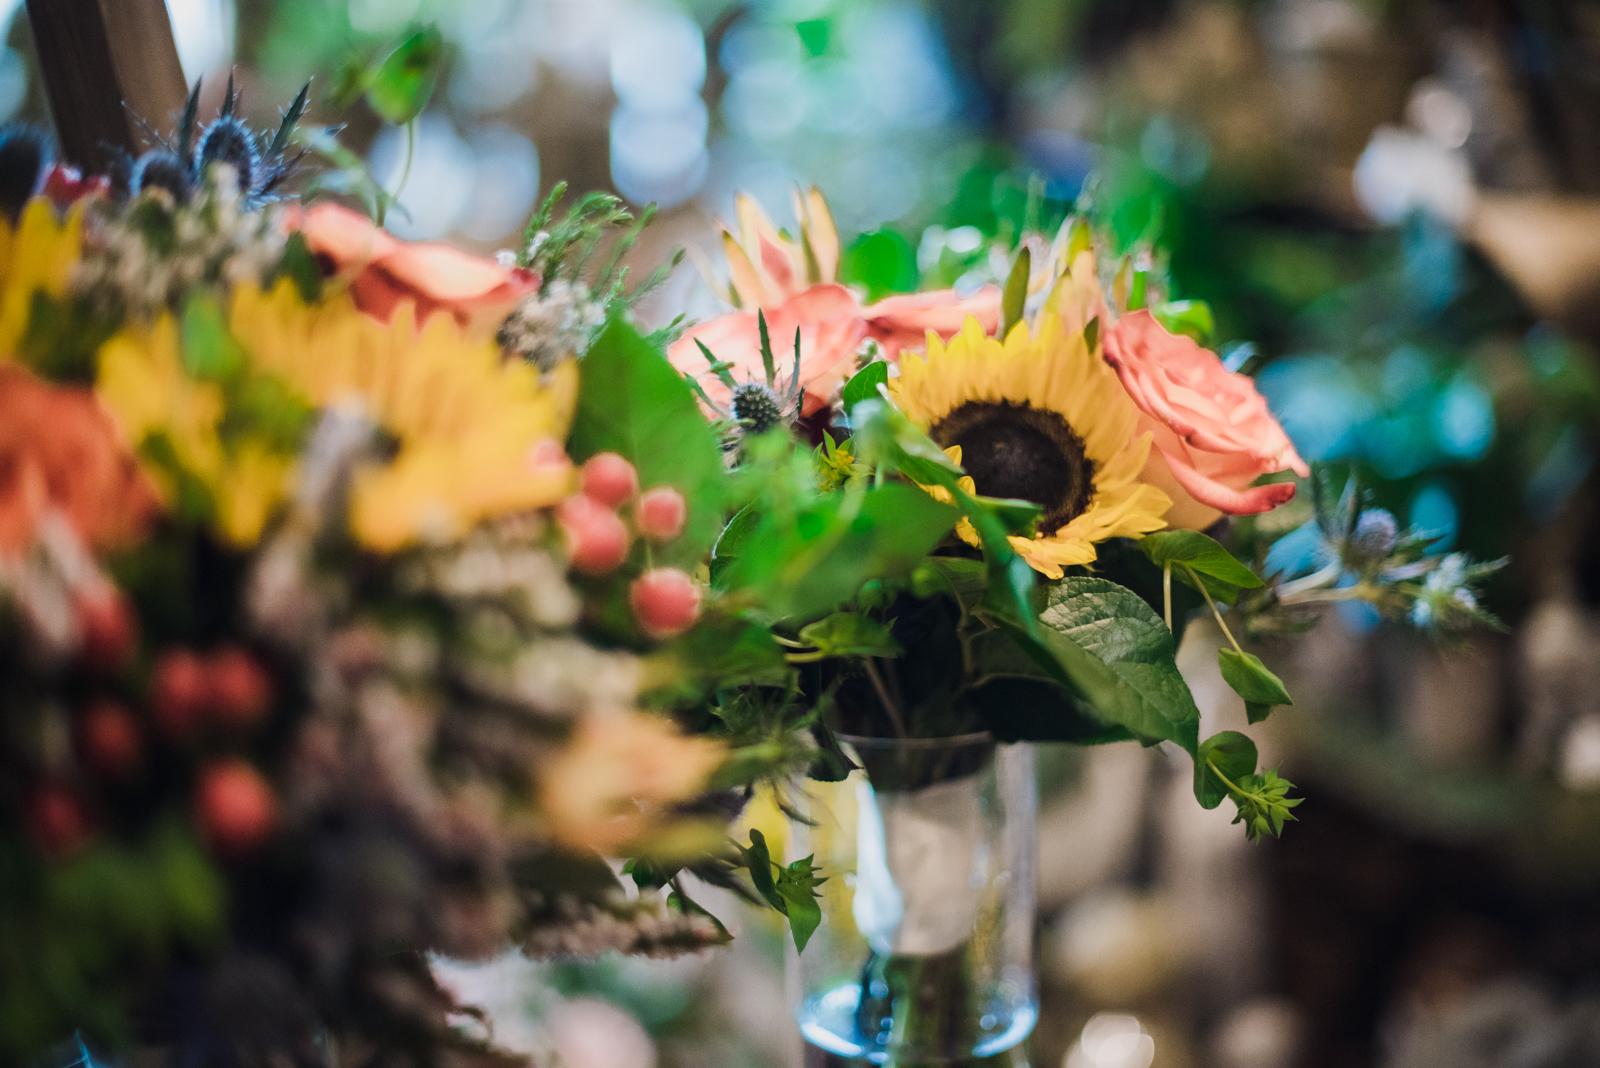 Blooms_Garden_Shop_Hattiesburg_Vendor_Florist-9.jpg